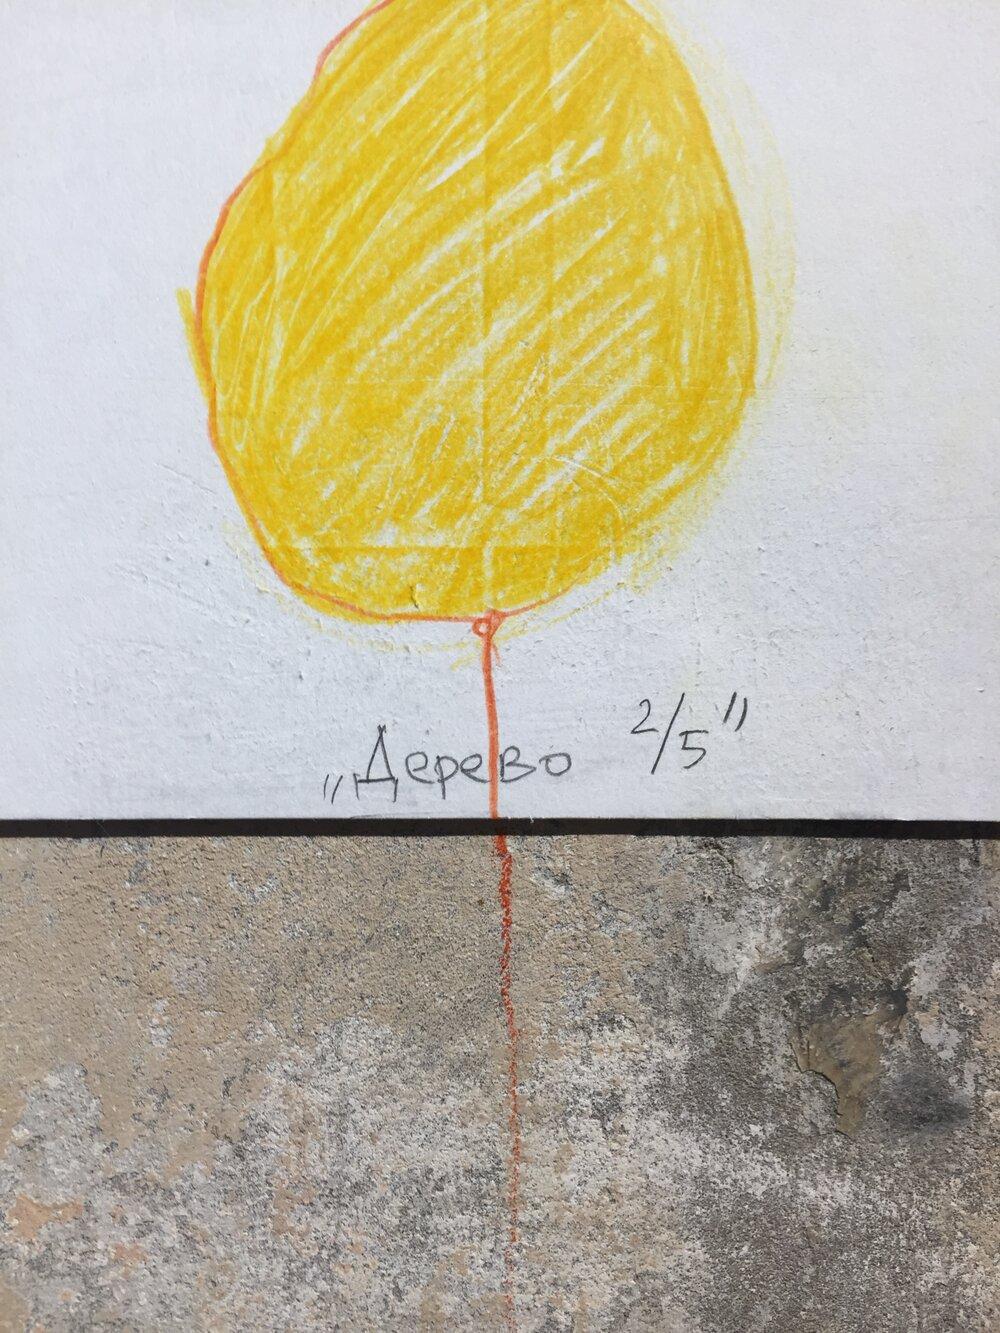 Жест Тетяни Митальникової — відтворення підписів картин Павла Макова. Надано Марком Чегодаєвим